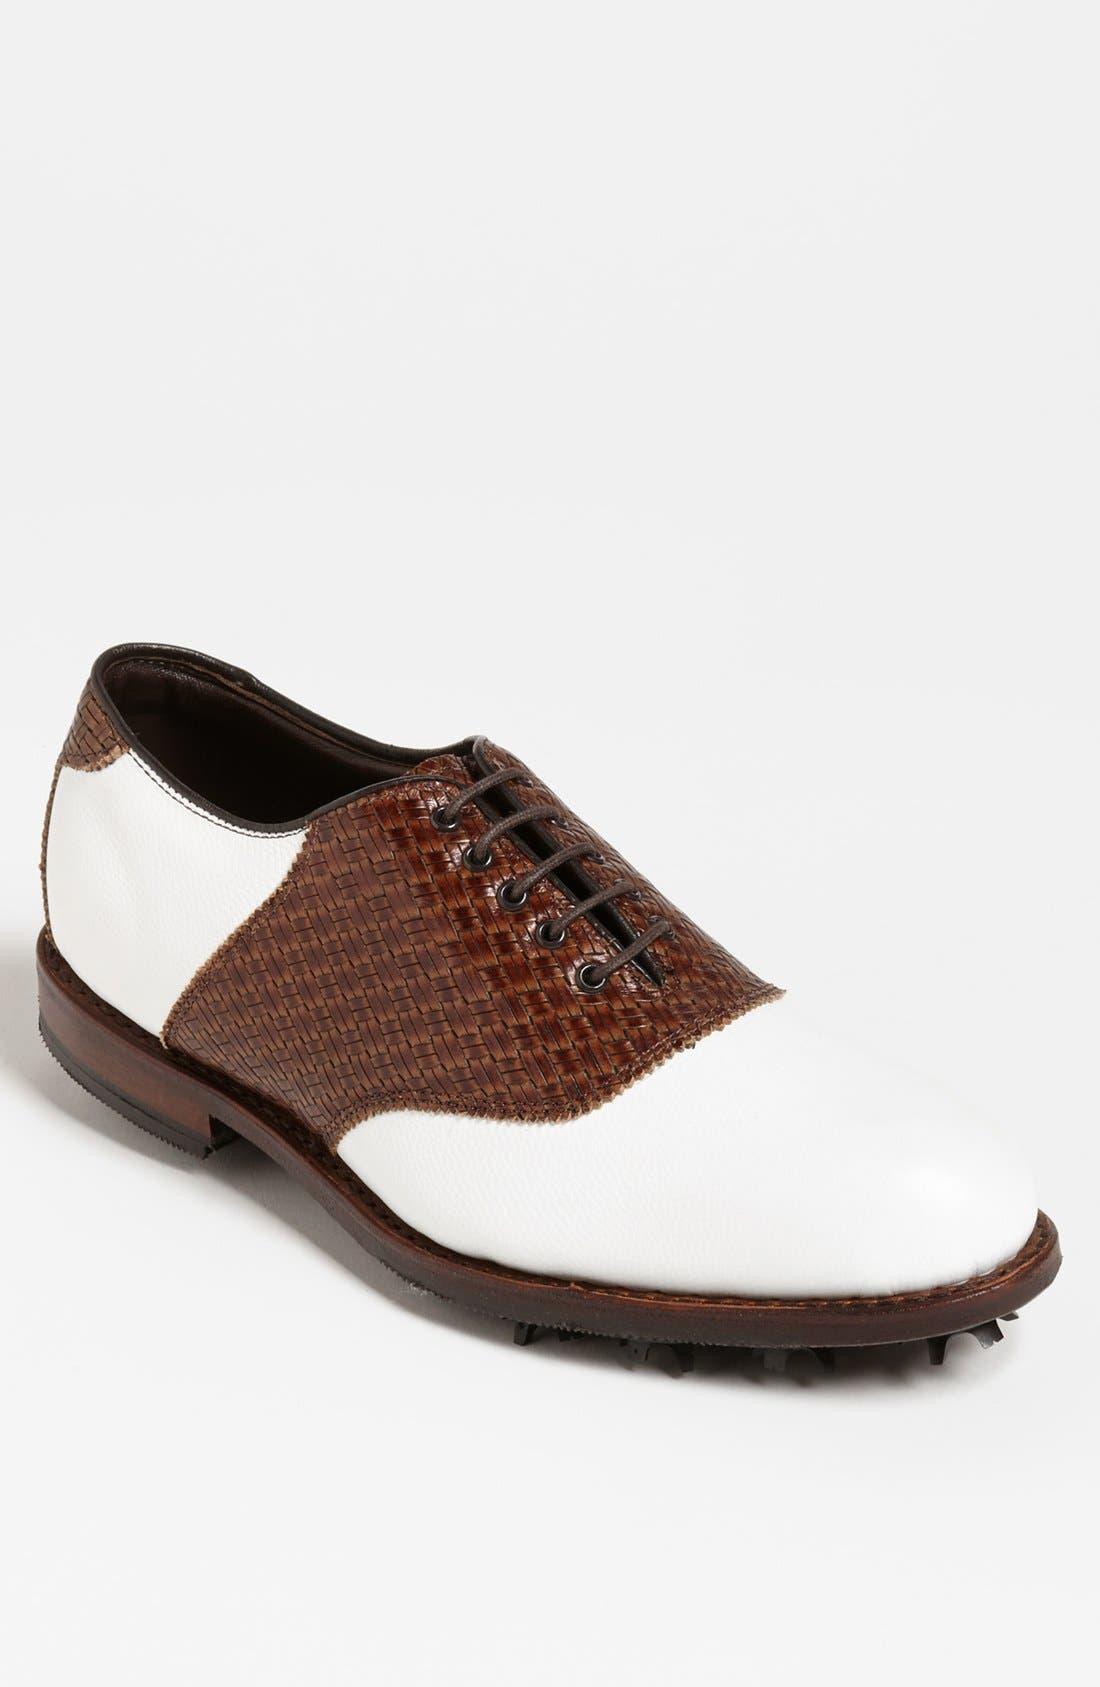 Alternate Image 1 Selected - Allen Edmonds 'Redan' Golf Shoe (Men)